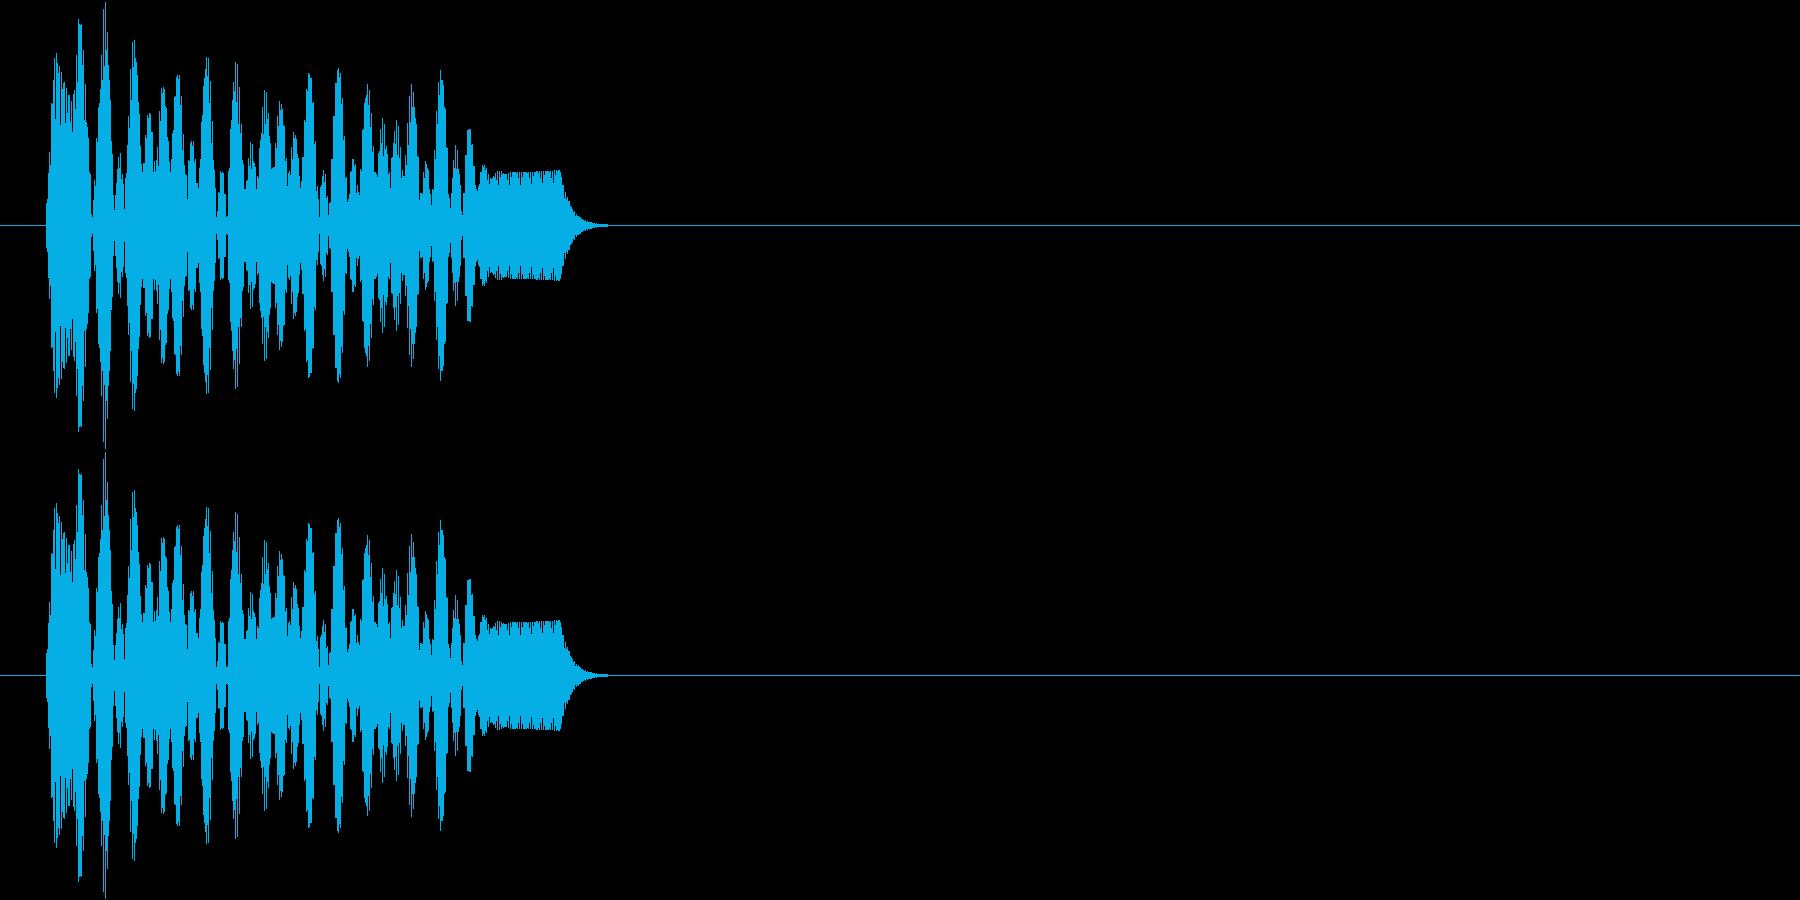 ポー(決定、アプリ)の再生済みの波形